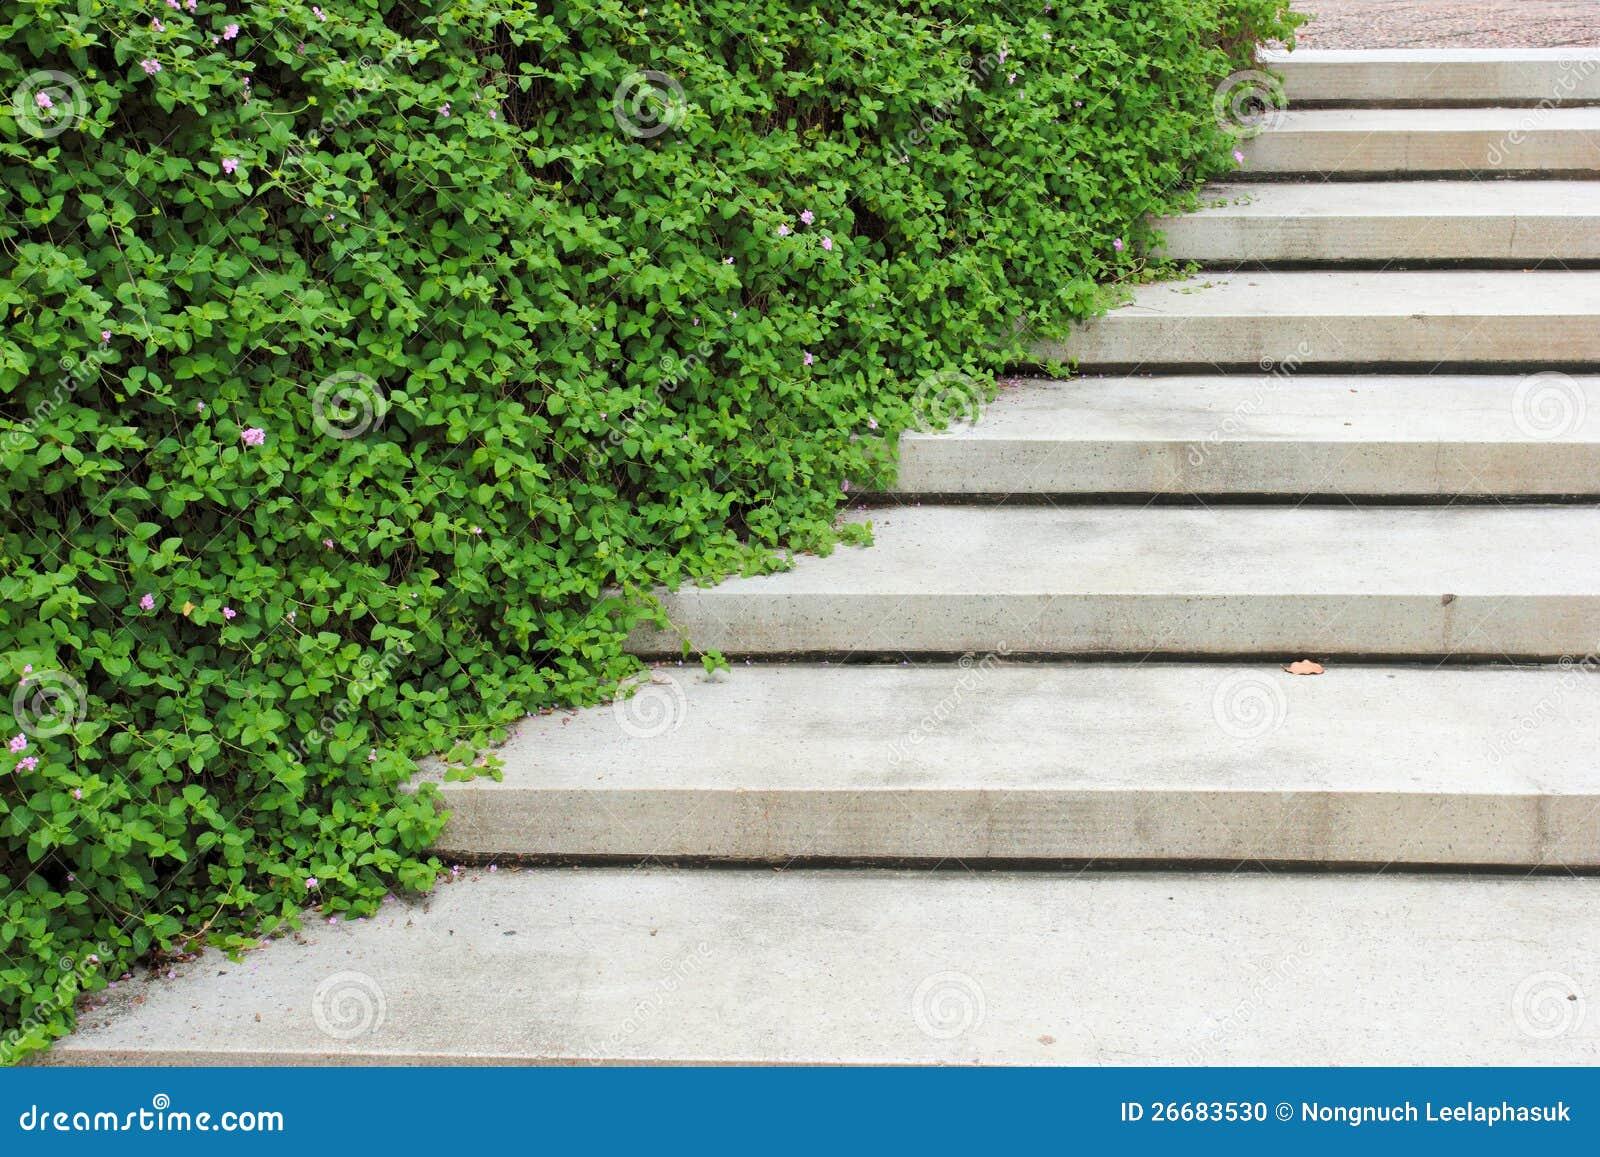 Escalier En Pierre Avec La Centrale Dans Le Jardin Photo